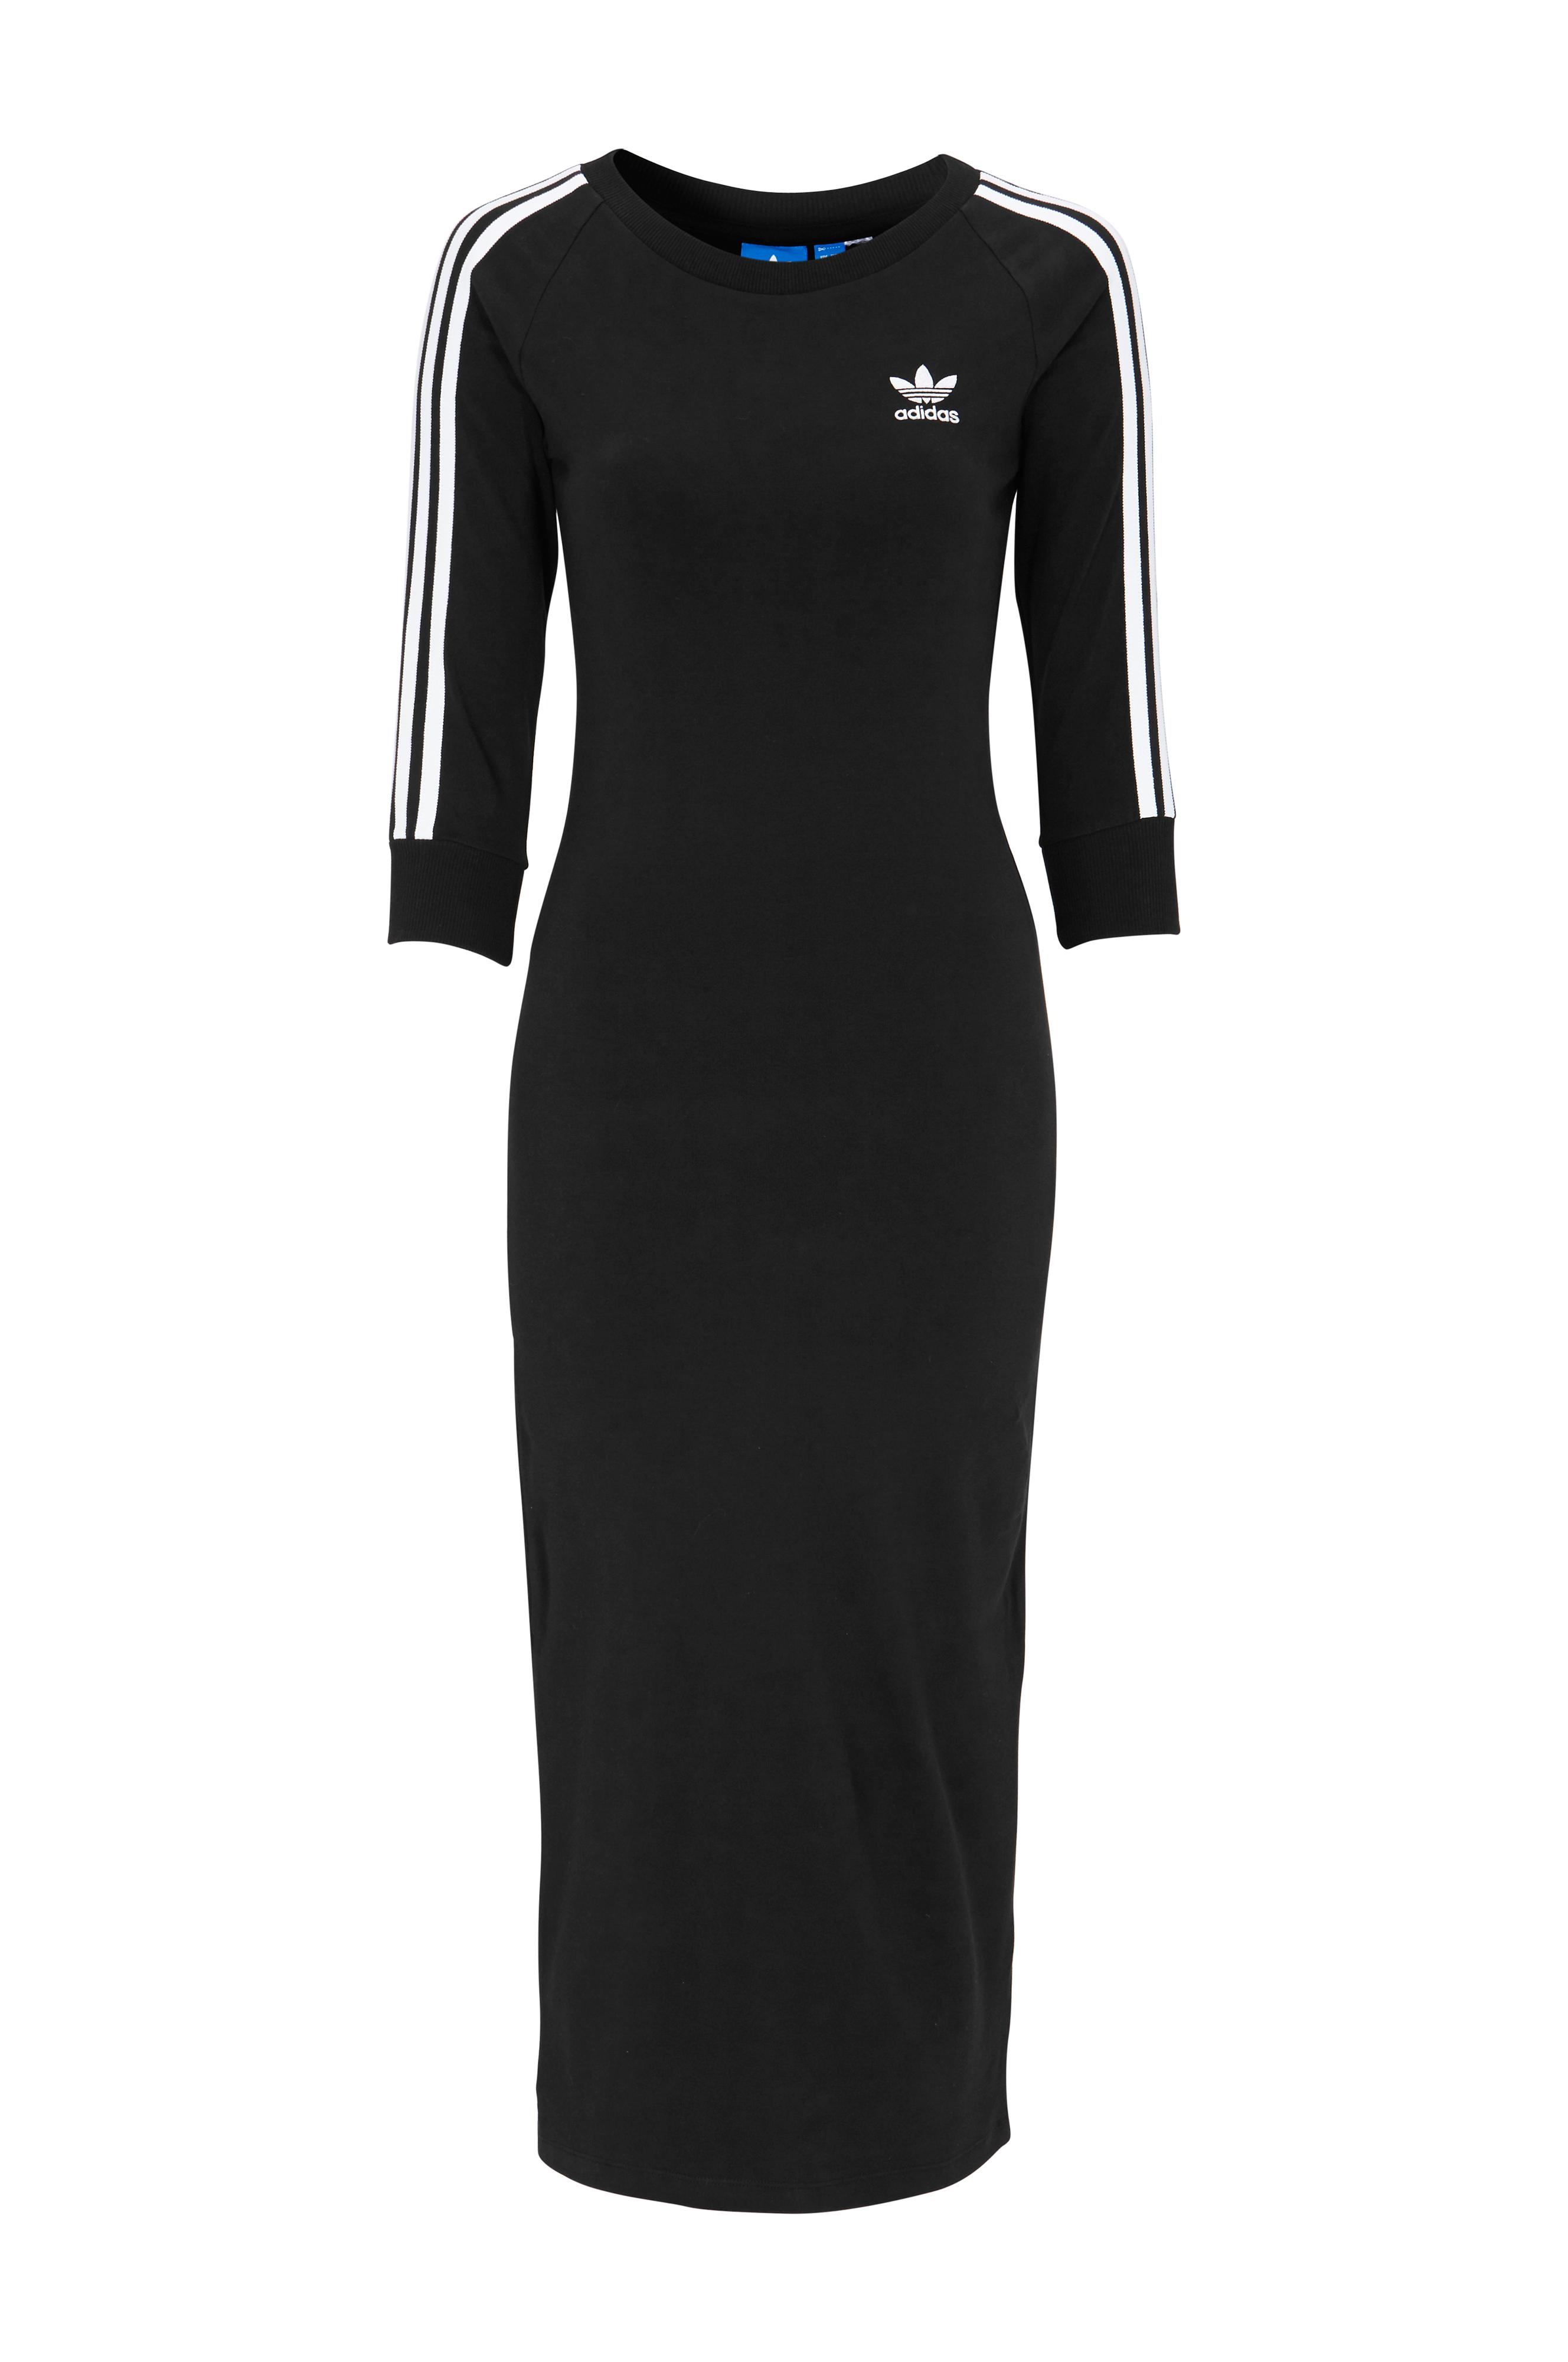 a865f75cdd1 adidas Originals Klänning 3stripes dress - Svart - Dam - Ellos.se